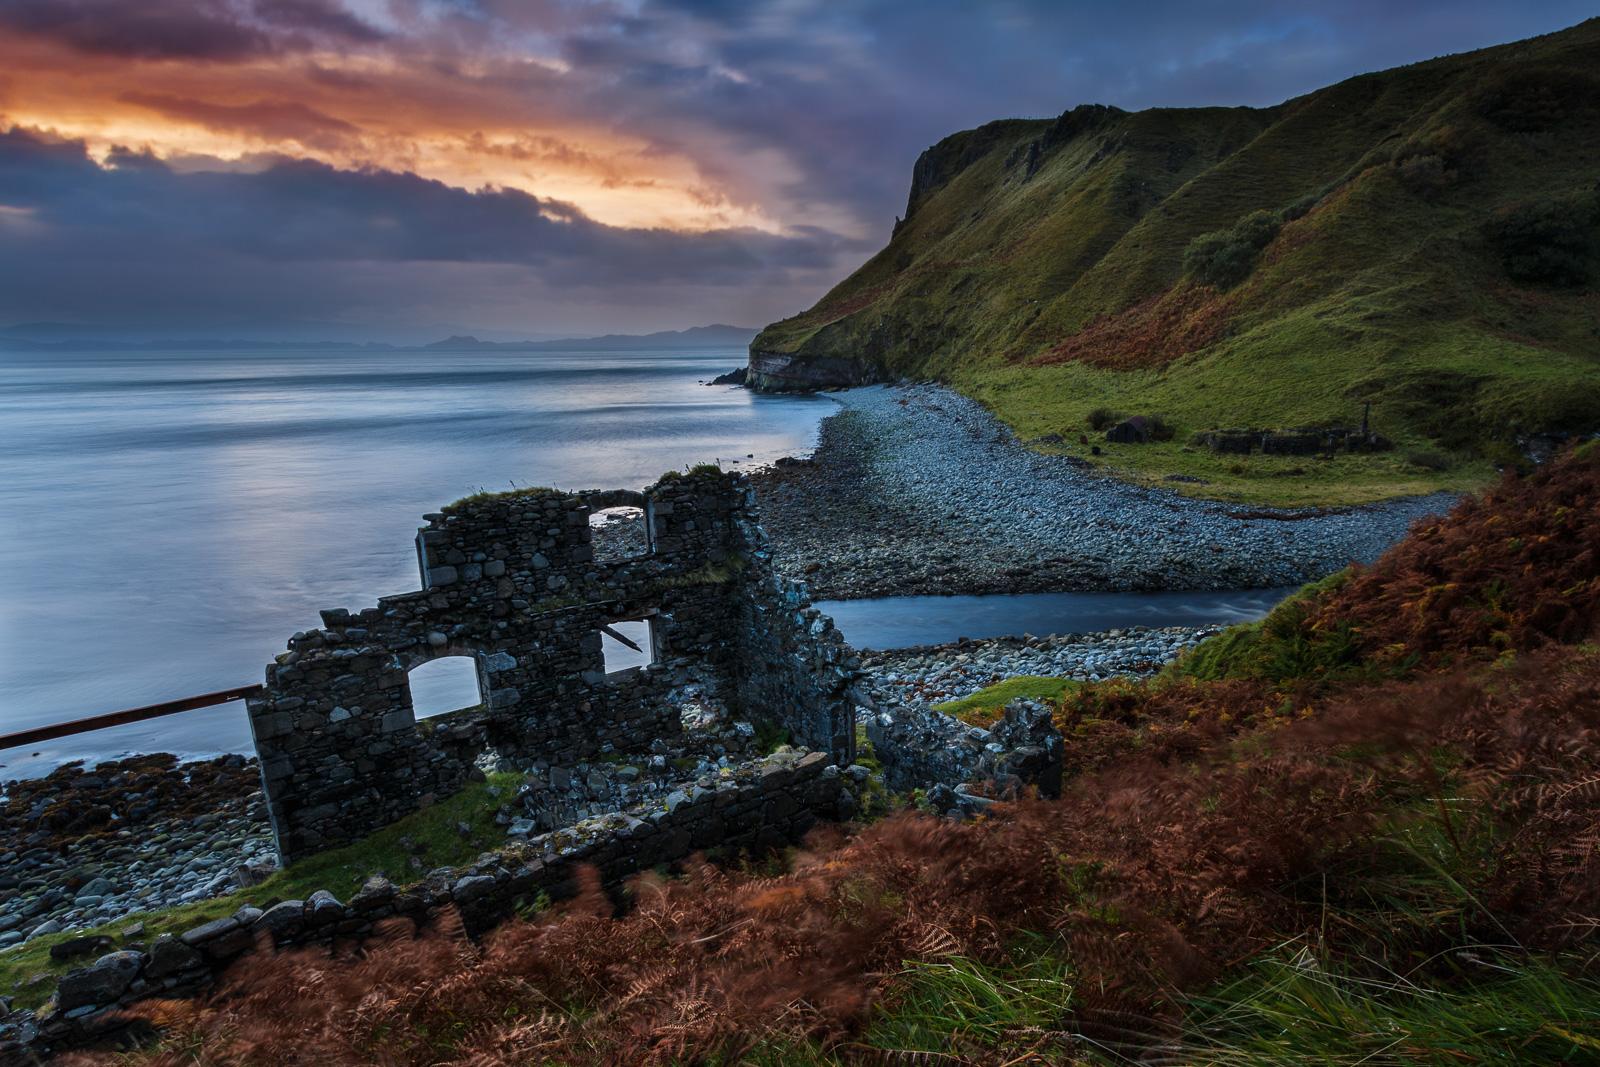 Ruine, Sonnenaufgang ... hier kann man sich fotografisch richtig austoben.